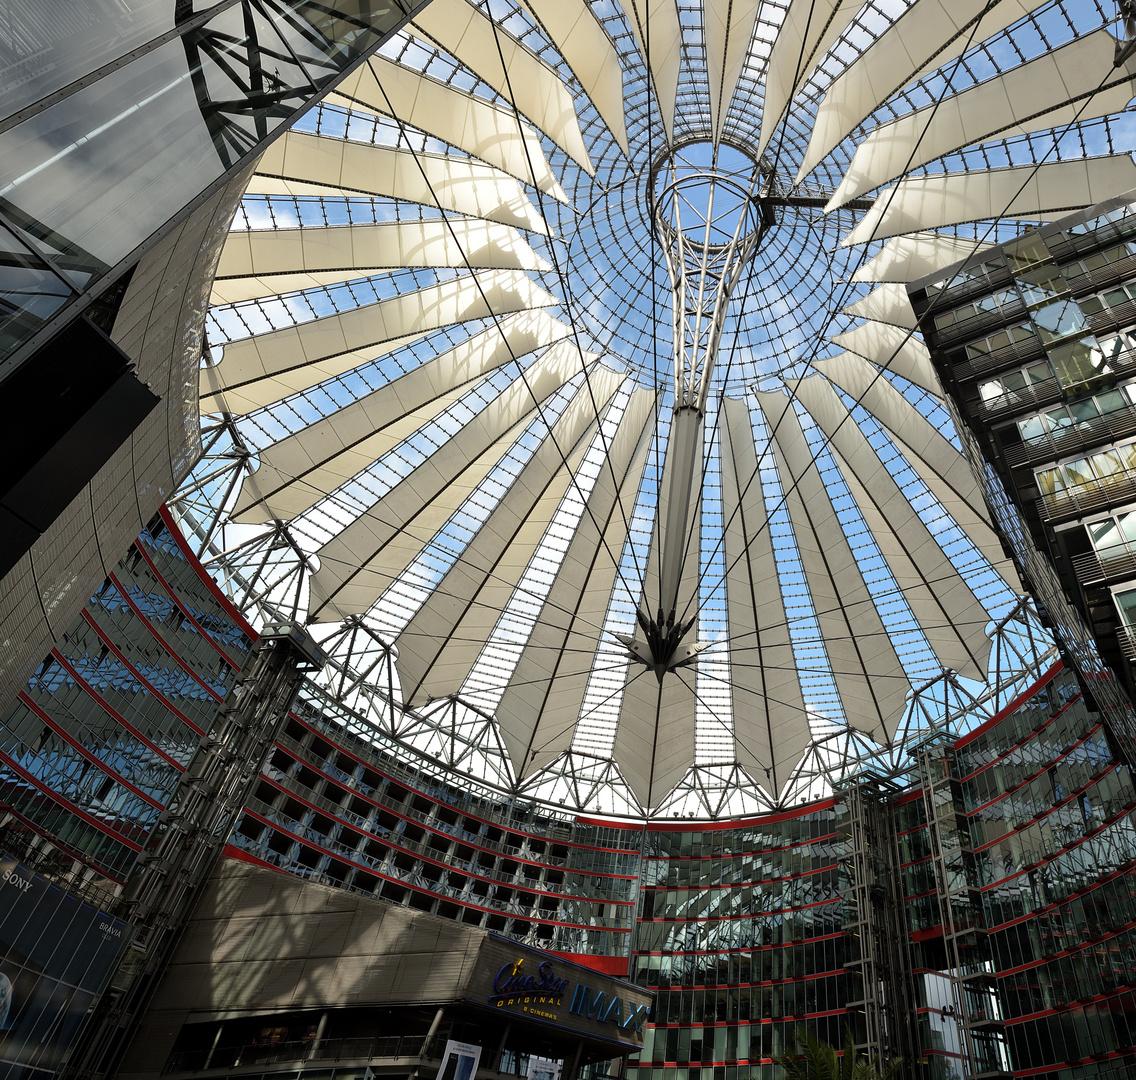 Licht-Schattenspiel im Sony-Center Berlin. Foto aus 6 Hochkantaufnahmen Freihand.